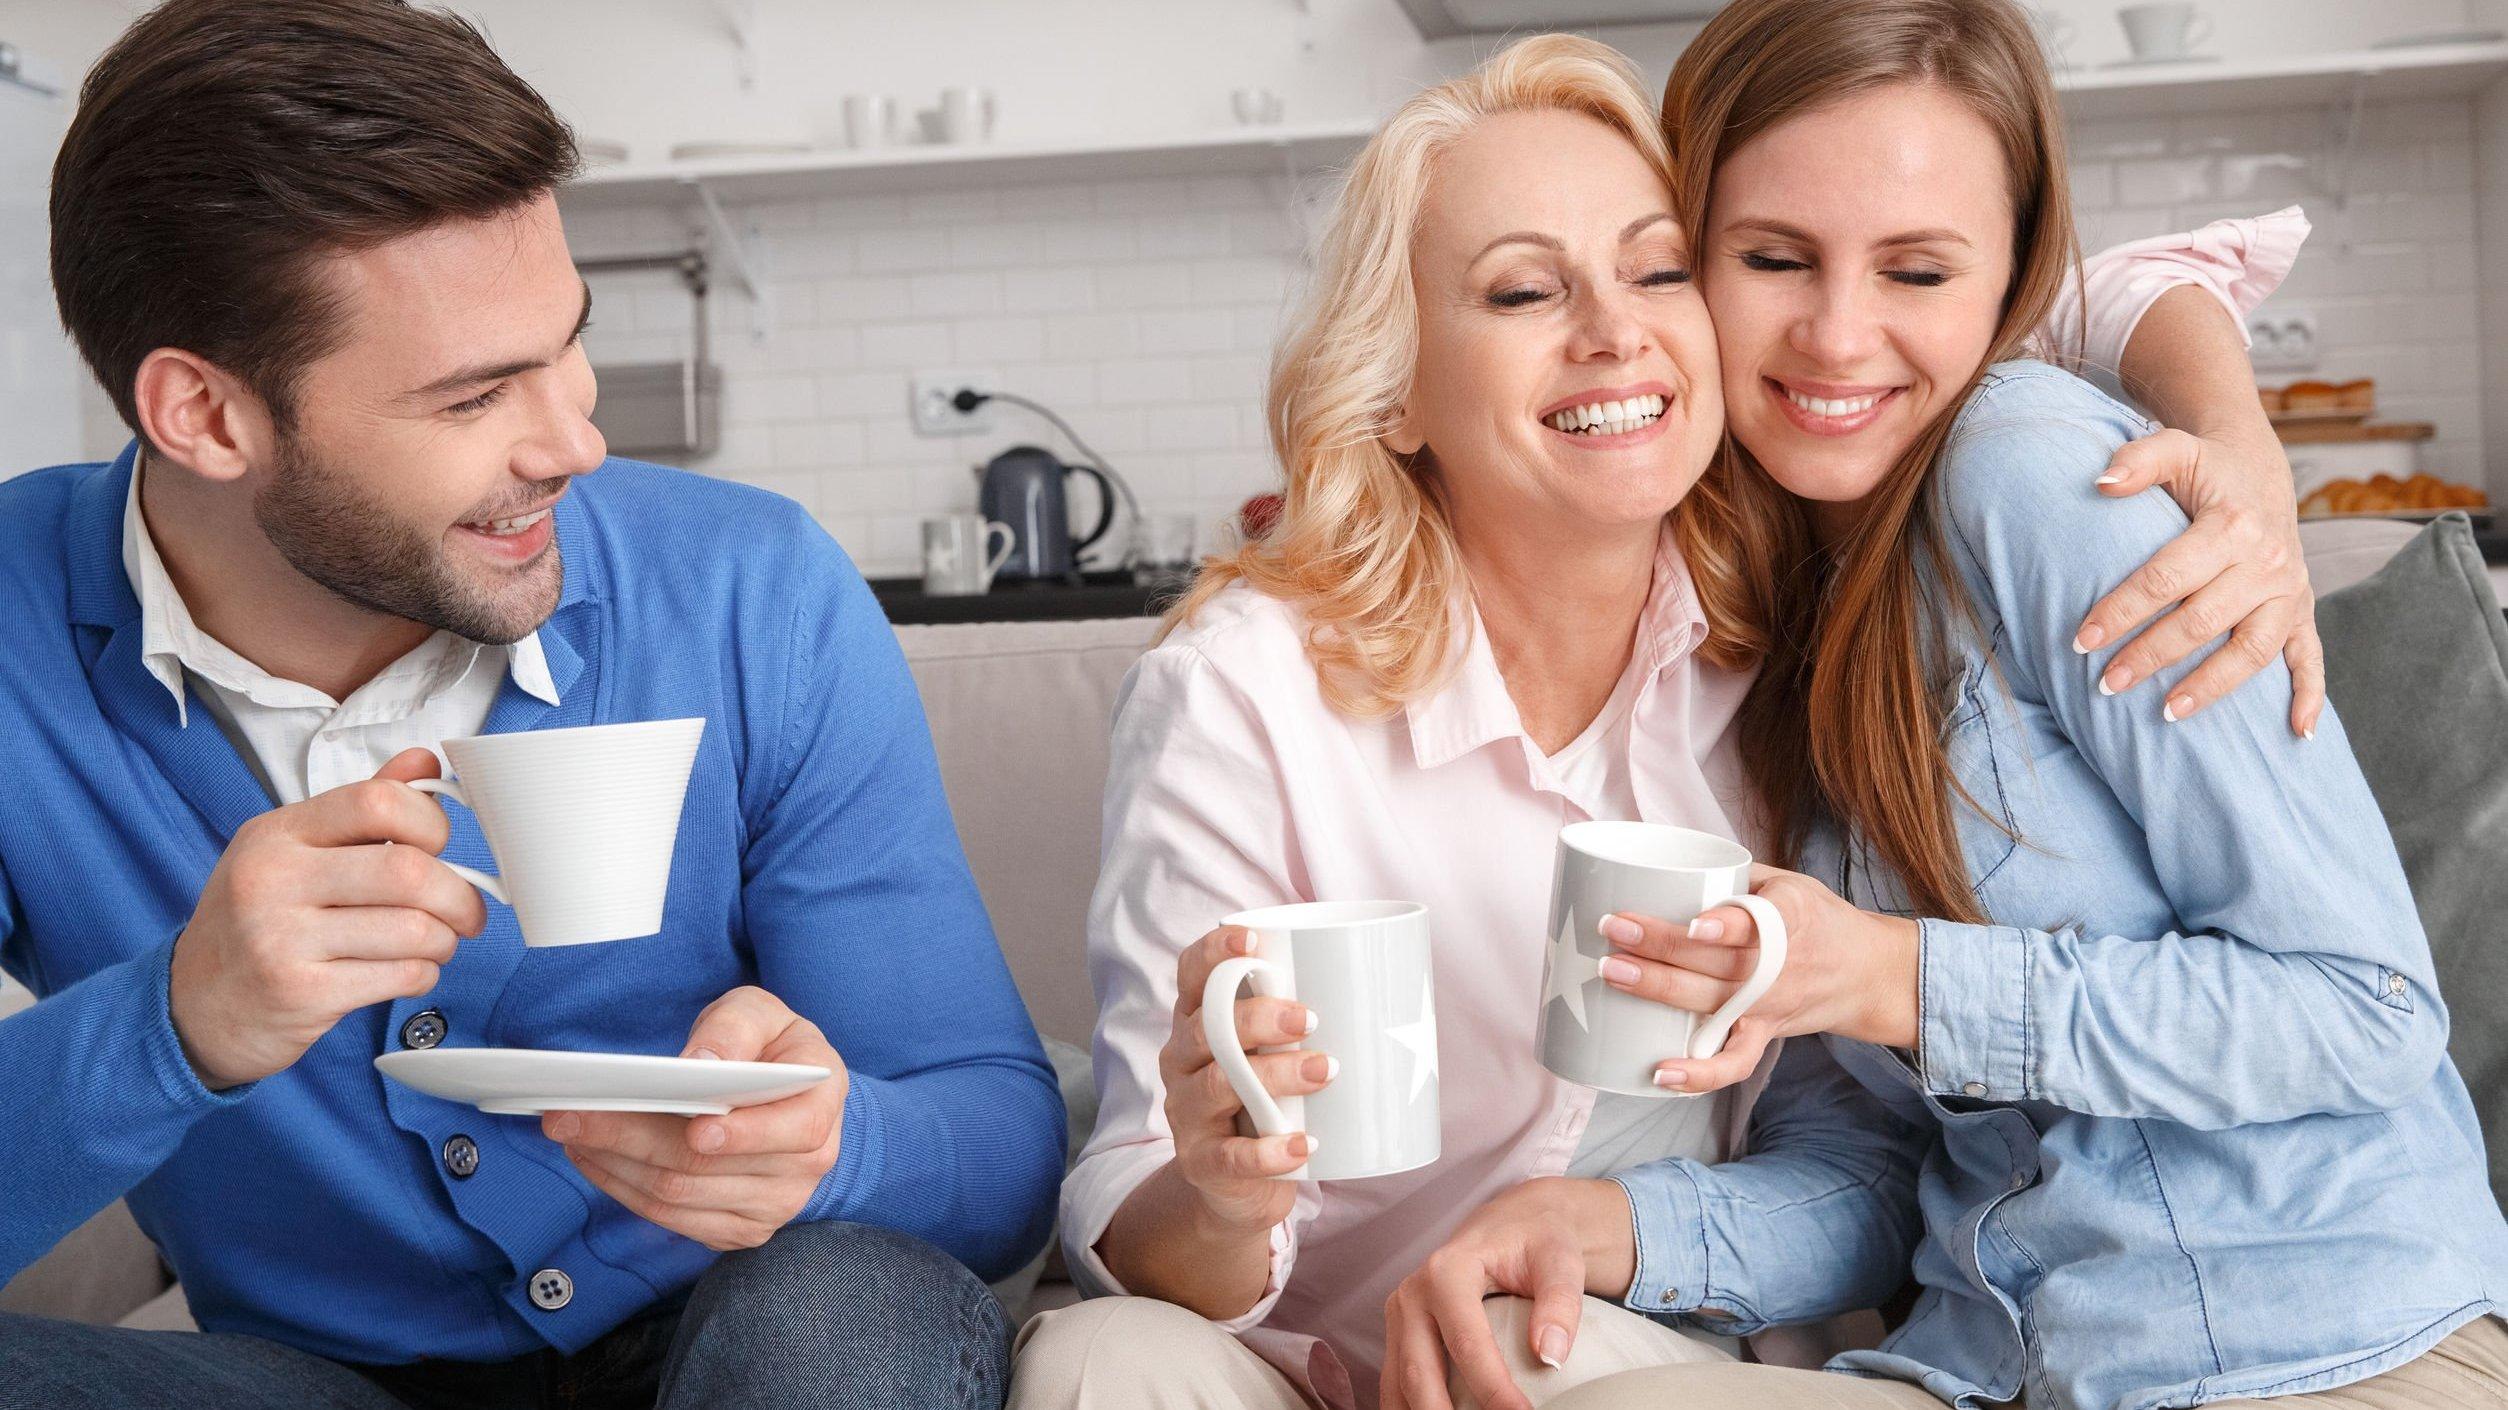 Mulher e sua sogra sentadas no sofá ao lado do marido, abraçadas e rindo.